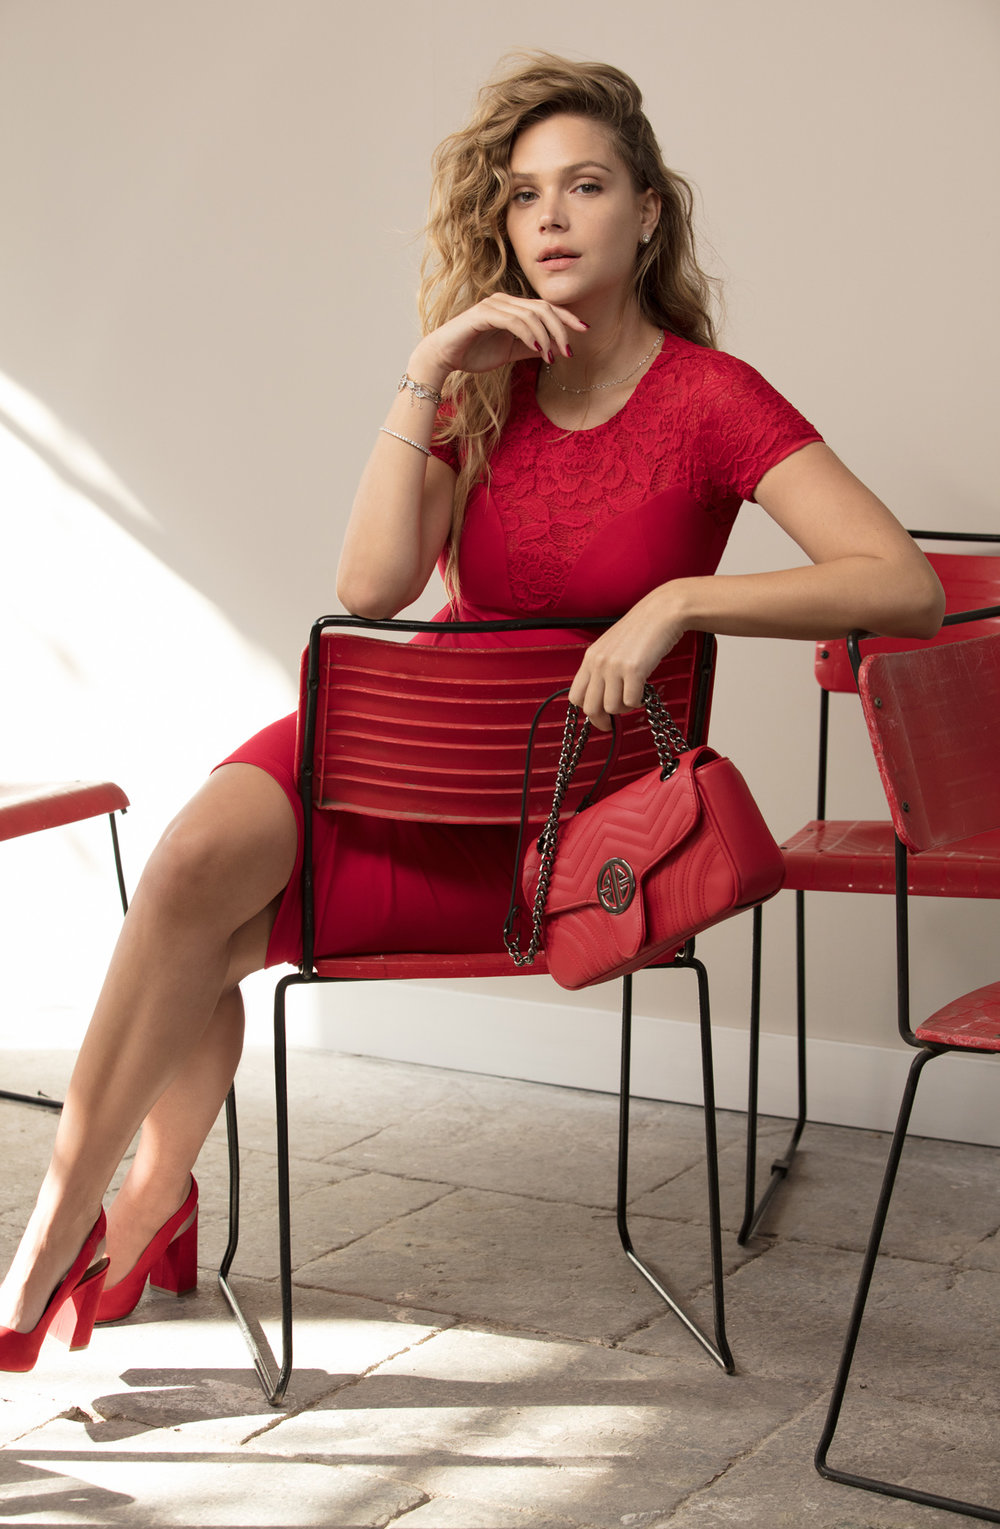 אסתי גיצבורג לגולברי. שמלה -349.90 ₪,תיק 249.9 ₪ (צילום:יניב אדרי)